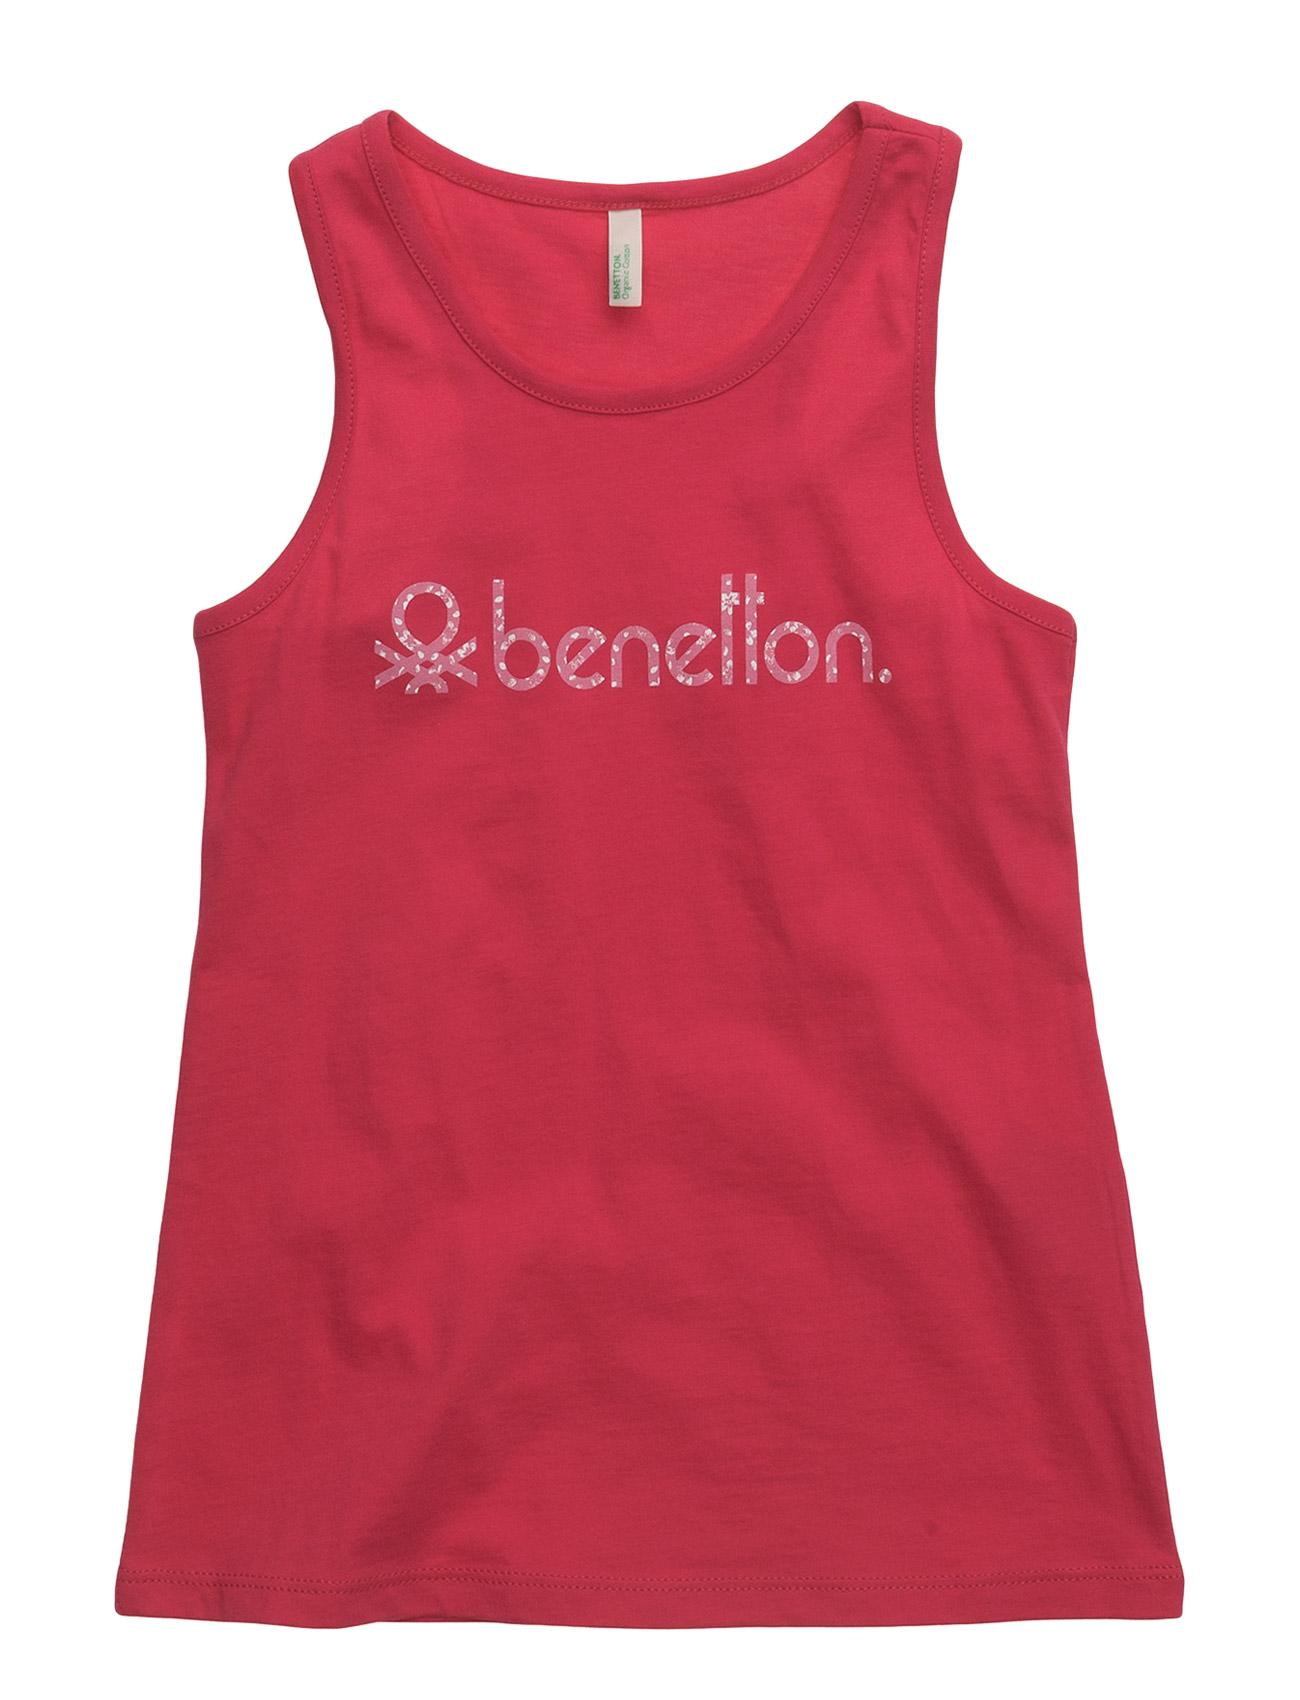 Tank-Top United Colors of Benetton Ærmeløse til Børn i